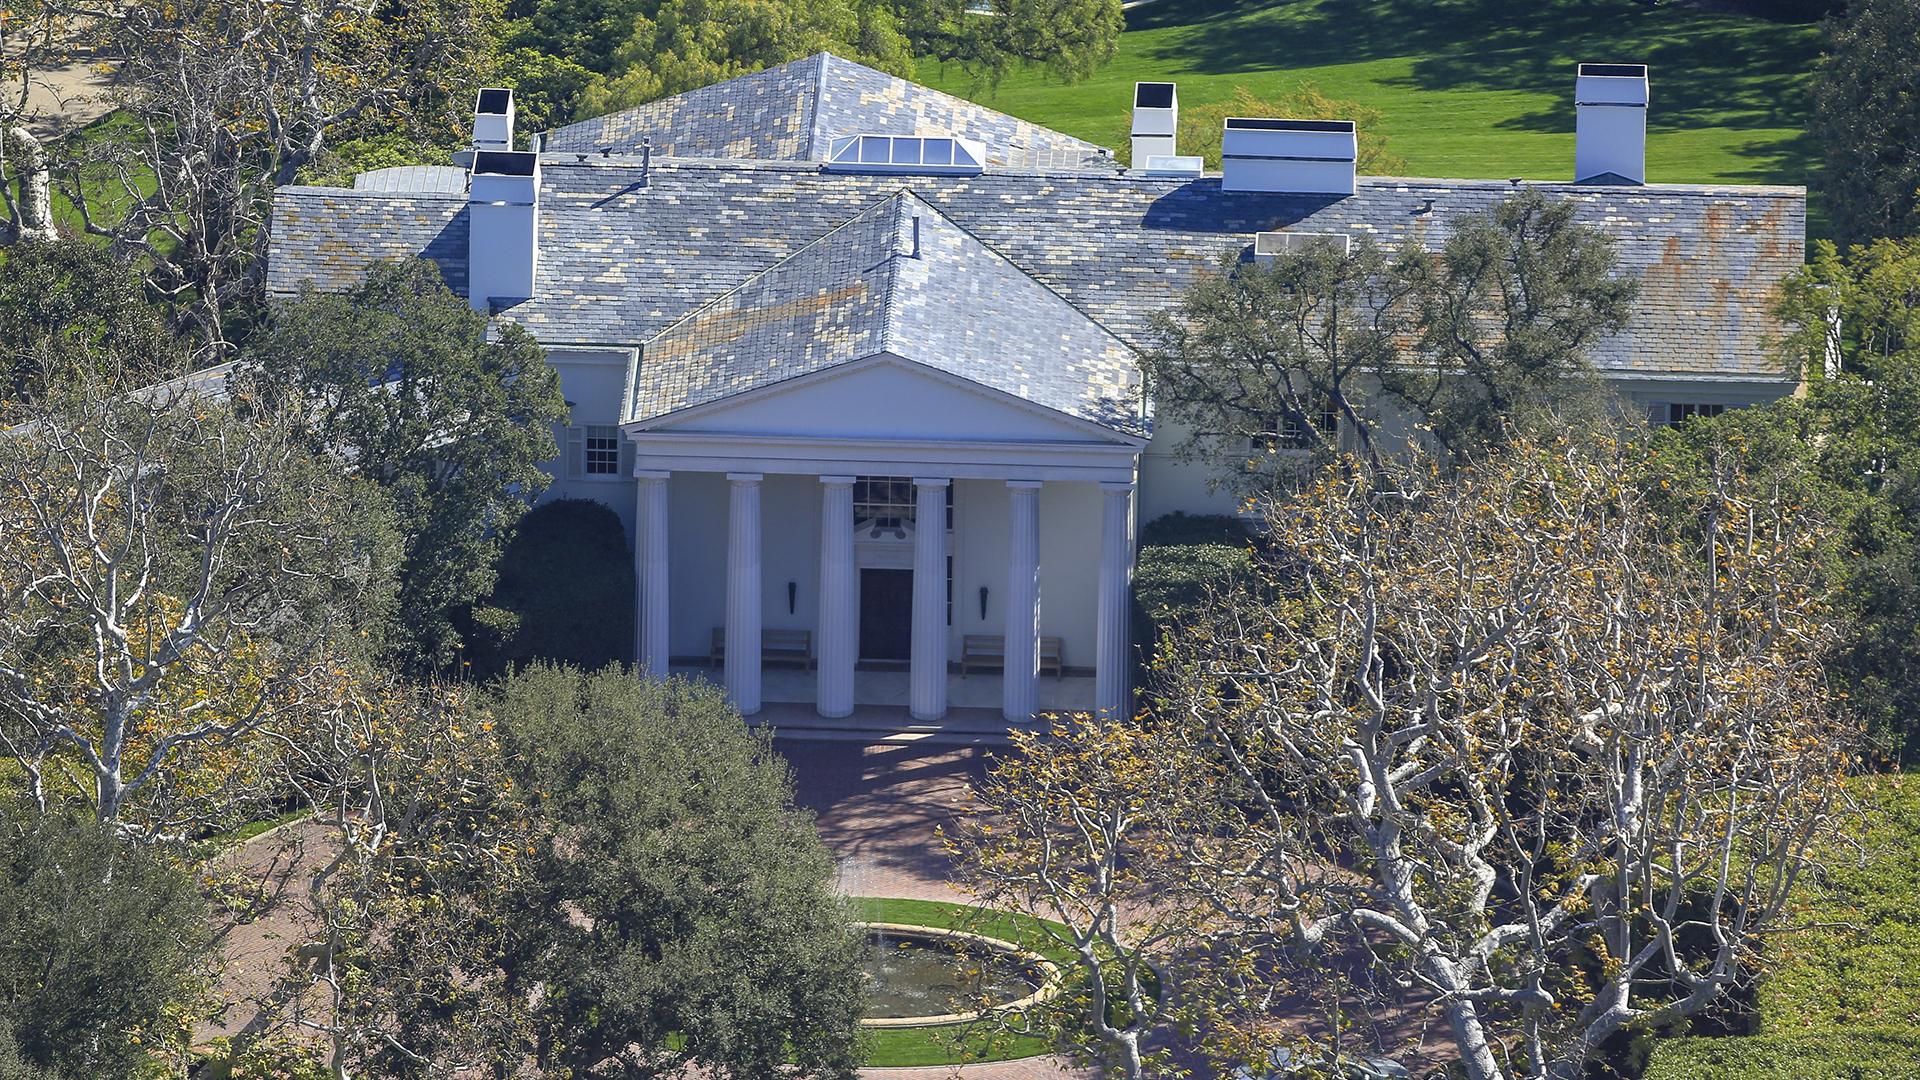 Jeff Bezos desembolsó otros USD 90 millones para comprar, cerca de la mansión, un terreno del cofundador de Microsoft Paul Allen, quien murió en 2018